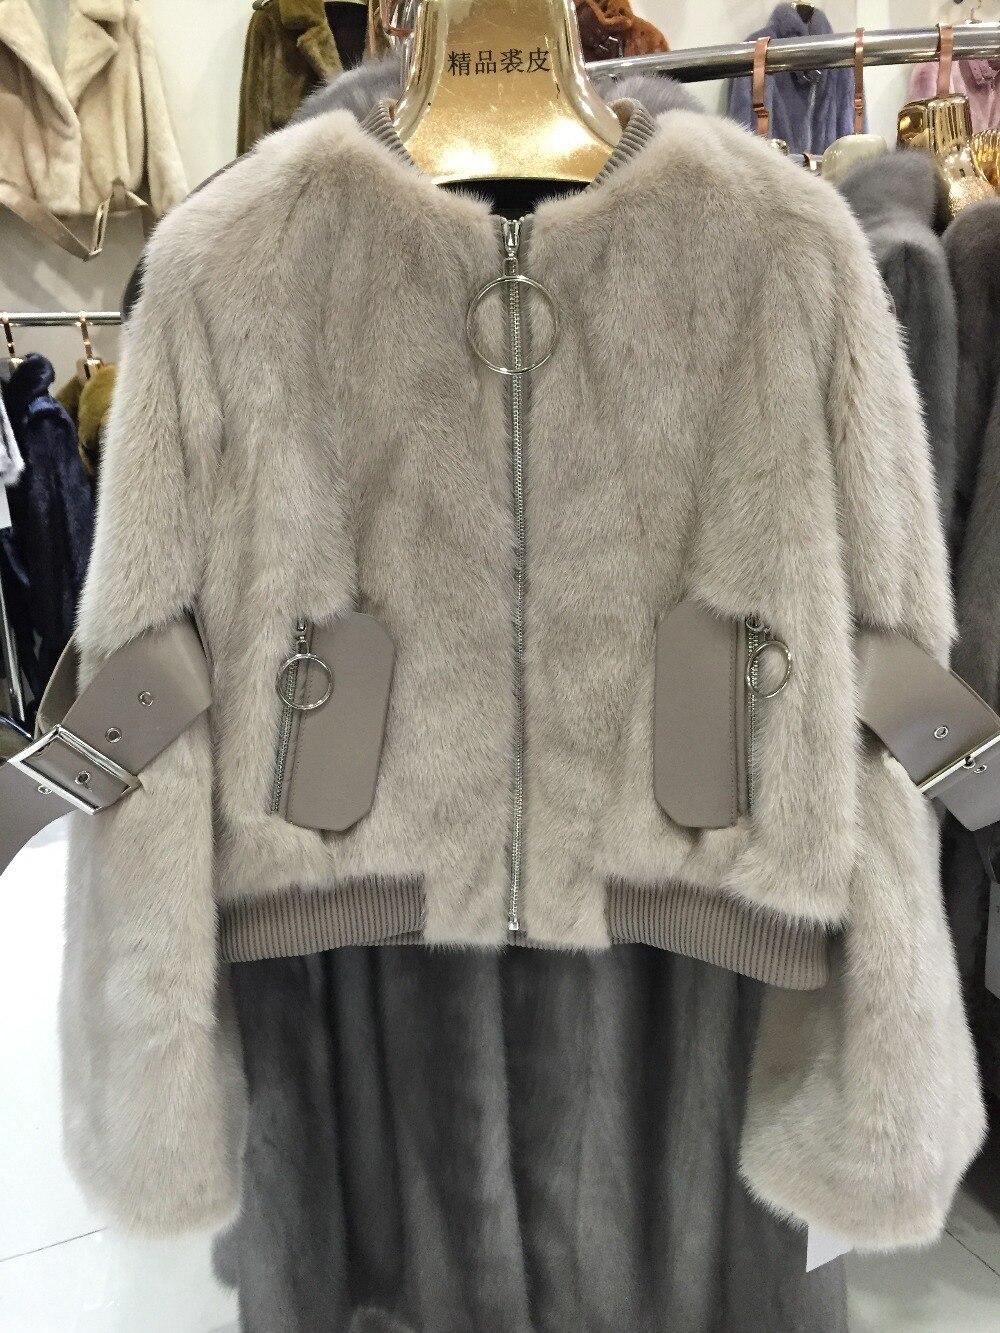 noir Manteau Réel Vraie Populaire Mode Femmes Naturel De Fourrure Sqxr Vison kaki Veste Chaud blanc Multi nZRwxfTFZq